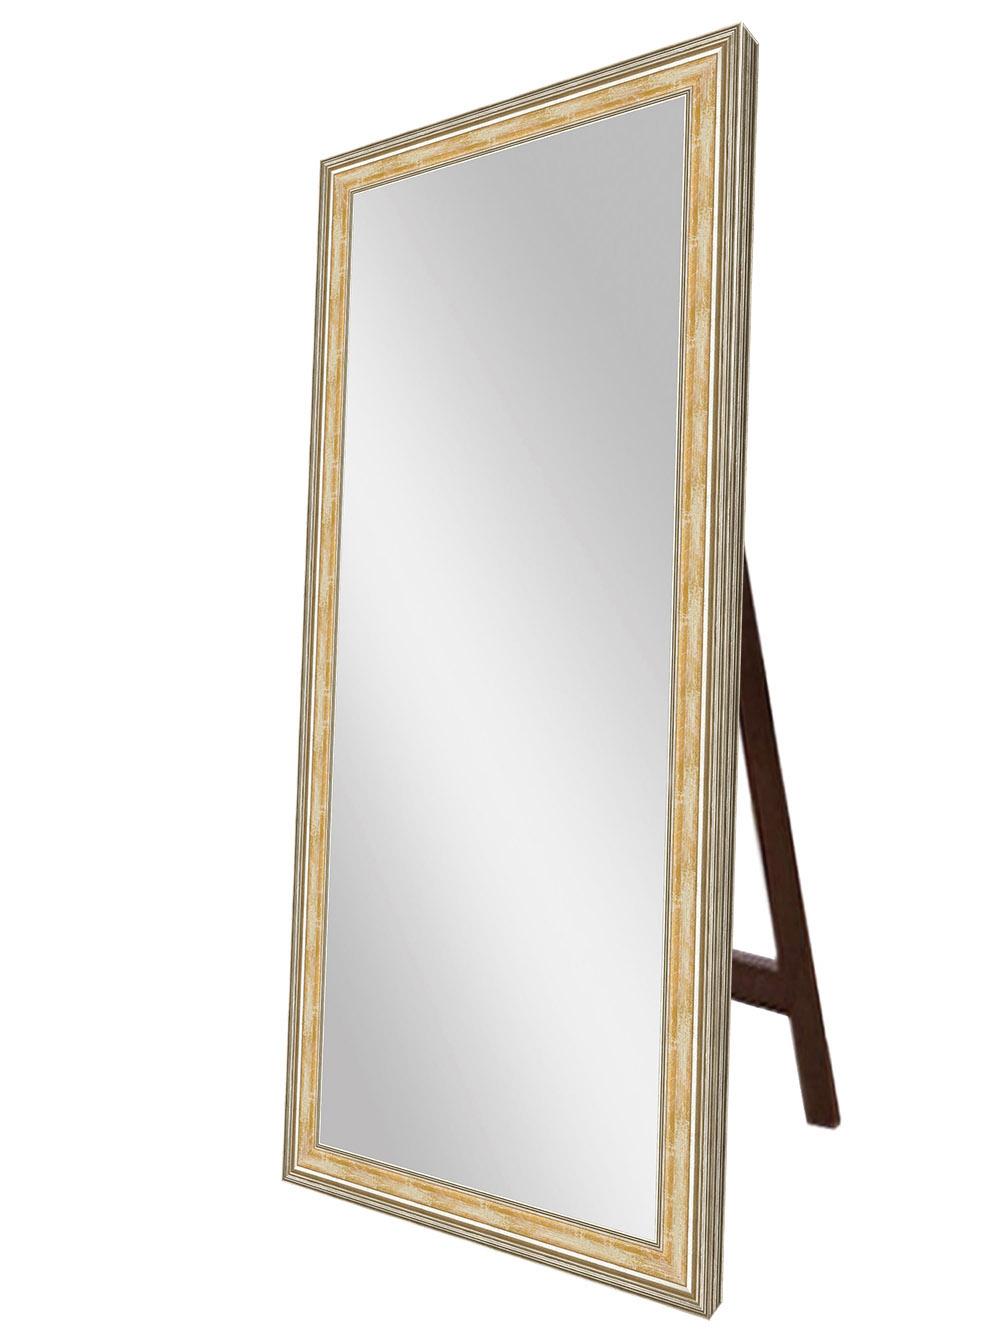 Купить Напольное зеркало Оранжевая флорес , inmyroom, Россия